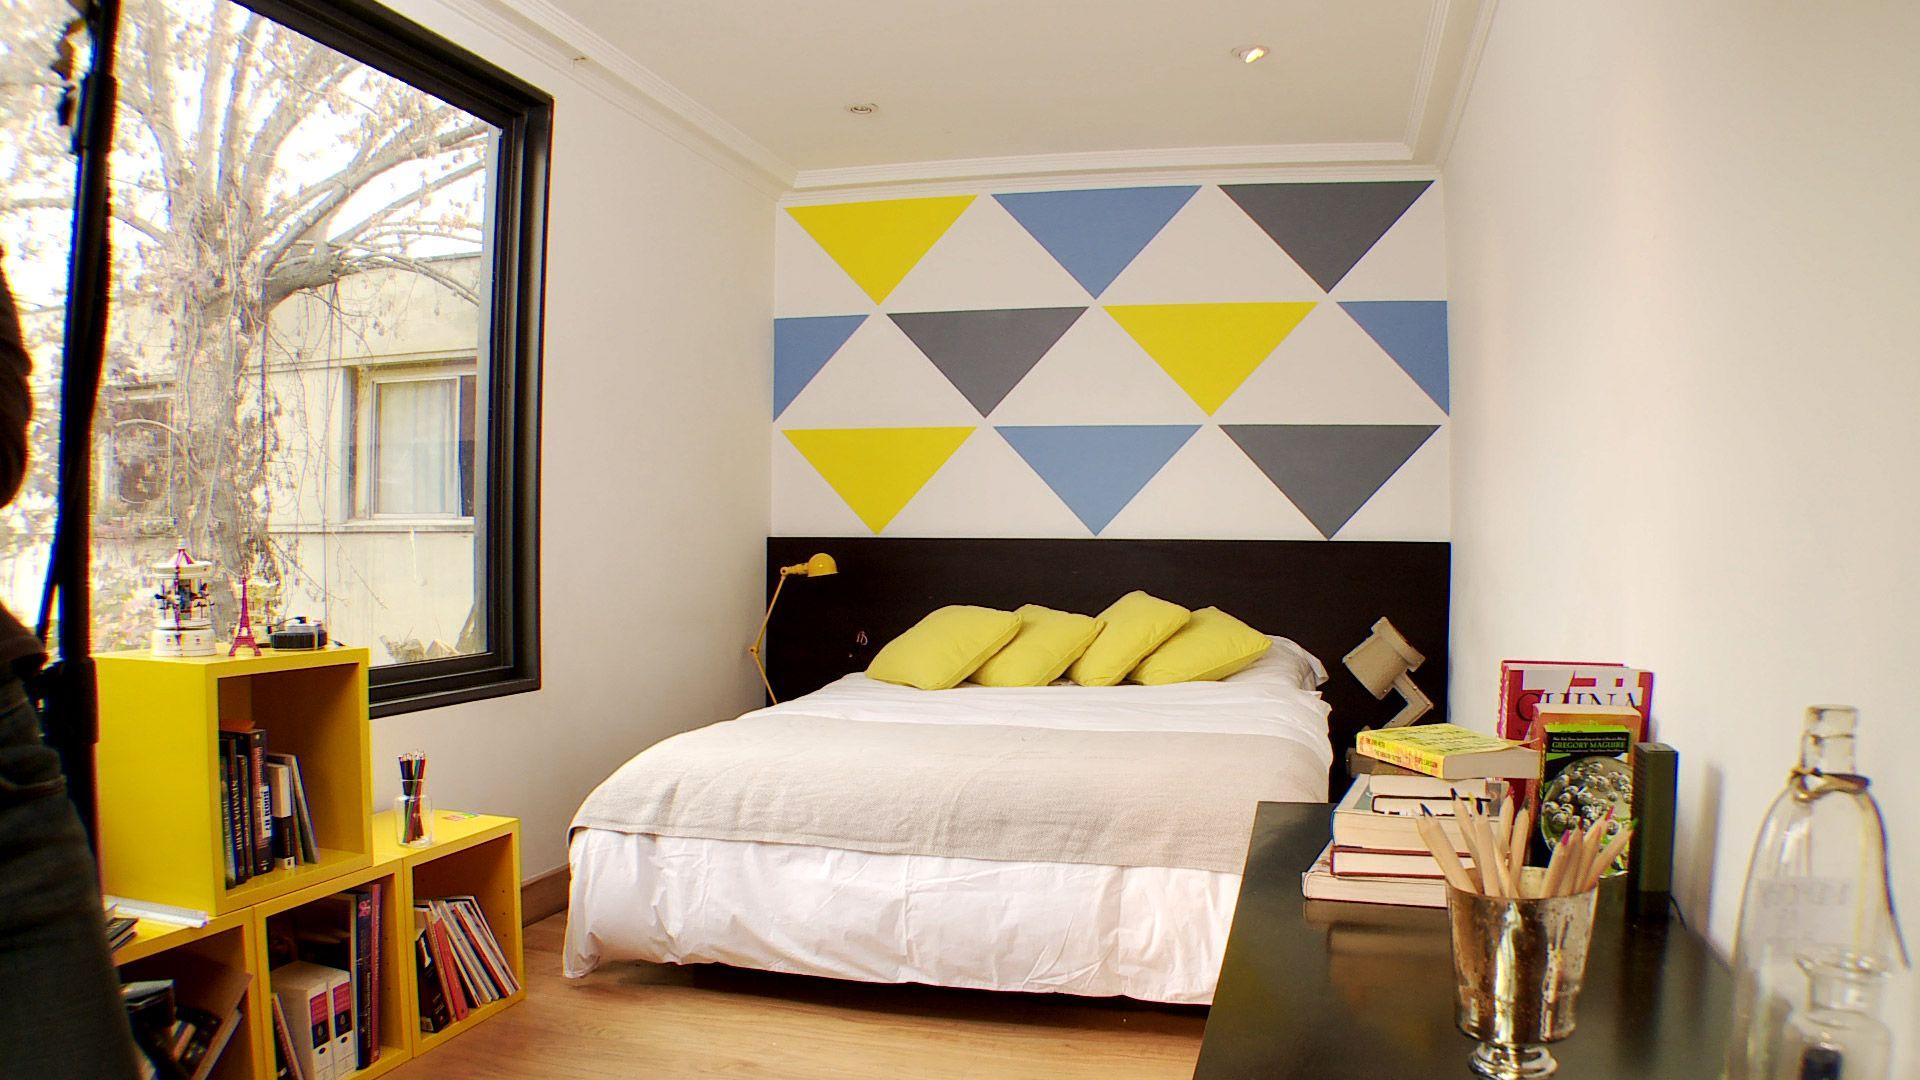 Cómo enmarcar cuadros? | Decoracion | Pinterest | Cuadro, En la casa ...